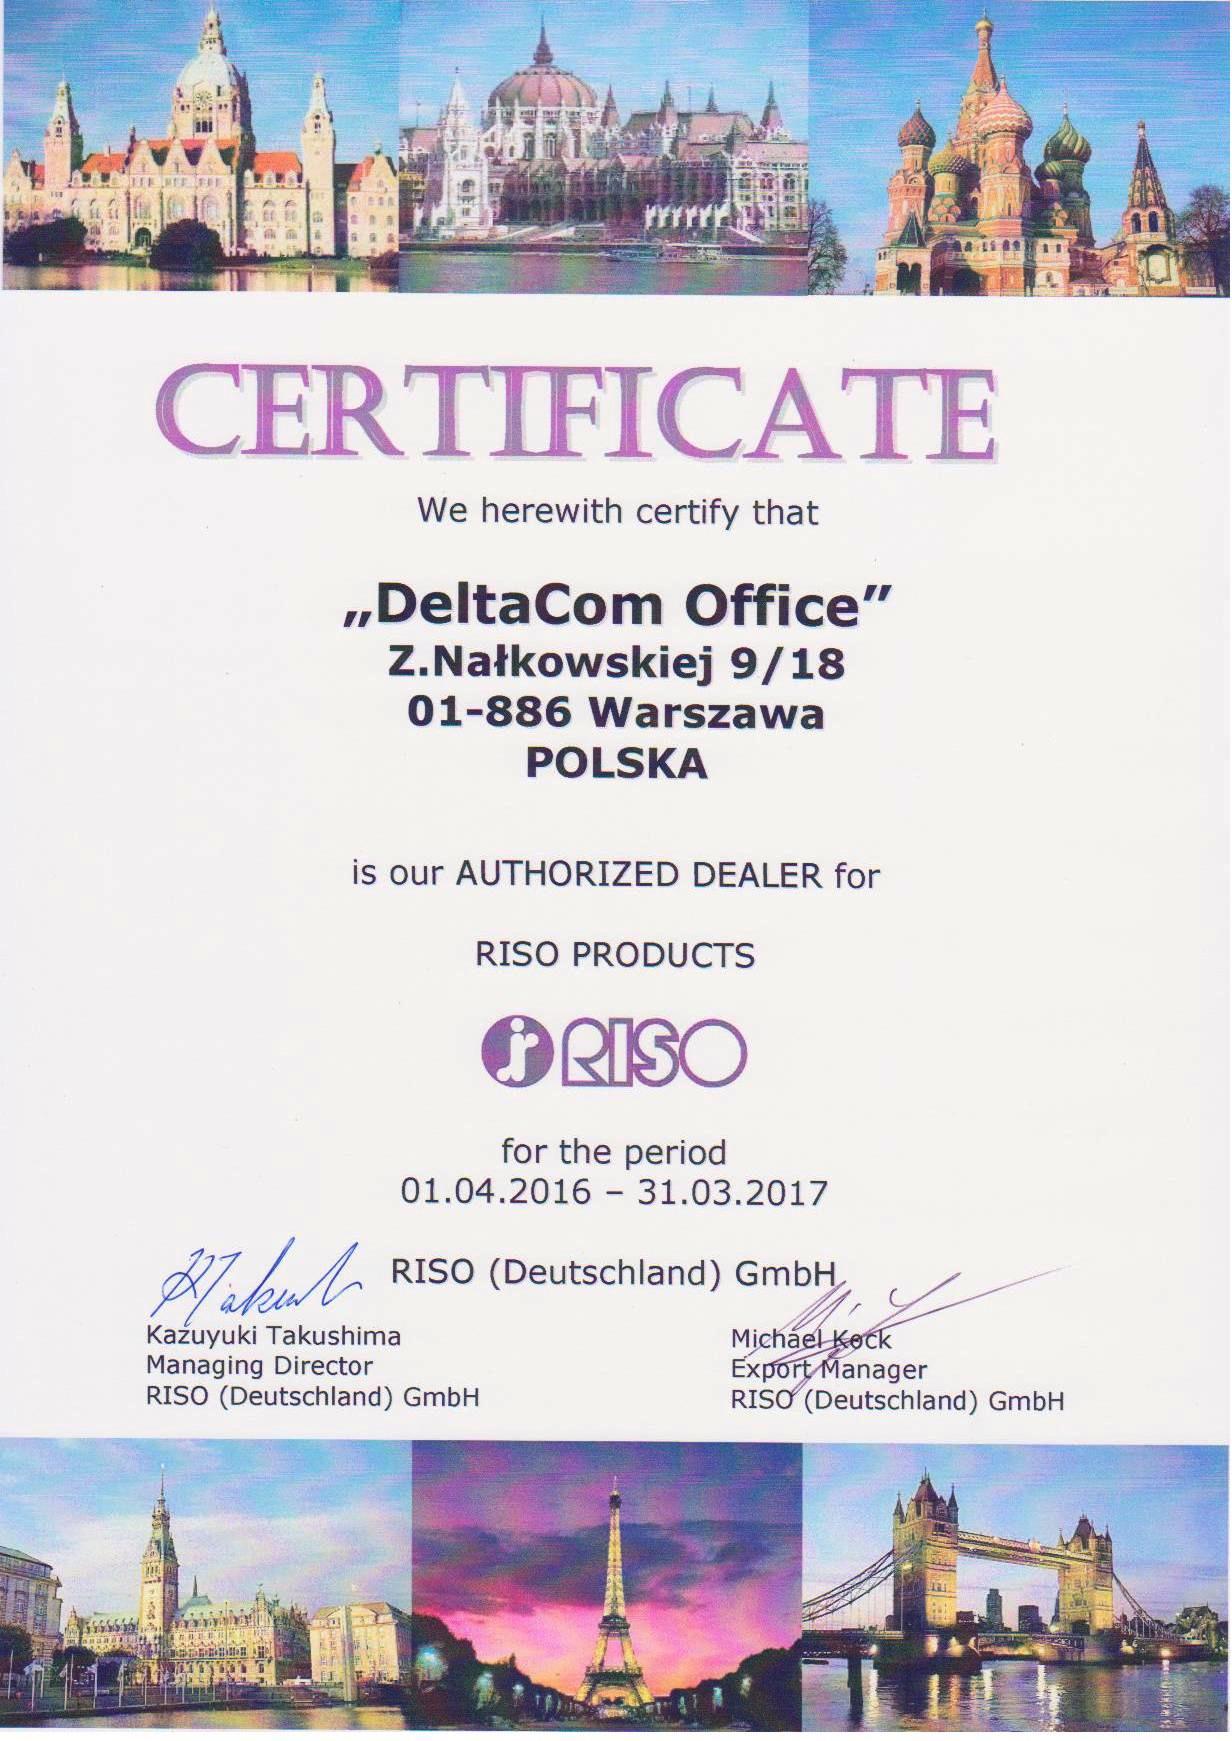 Autoryzowany sprzedawca - certyfikat Riso